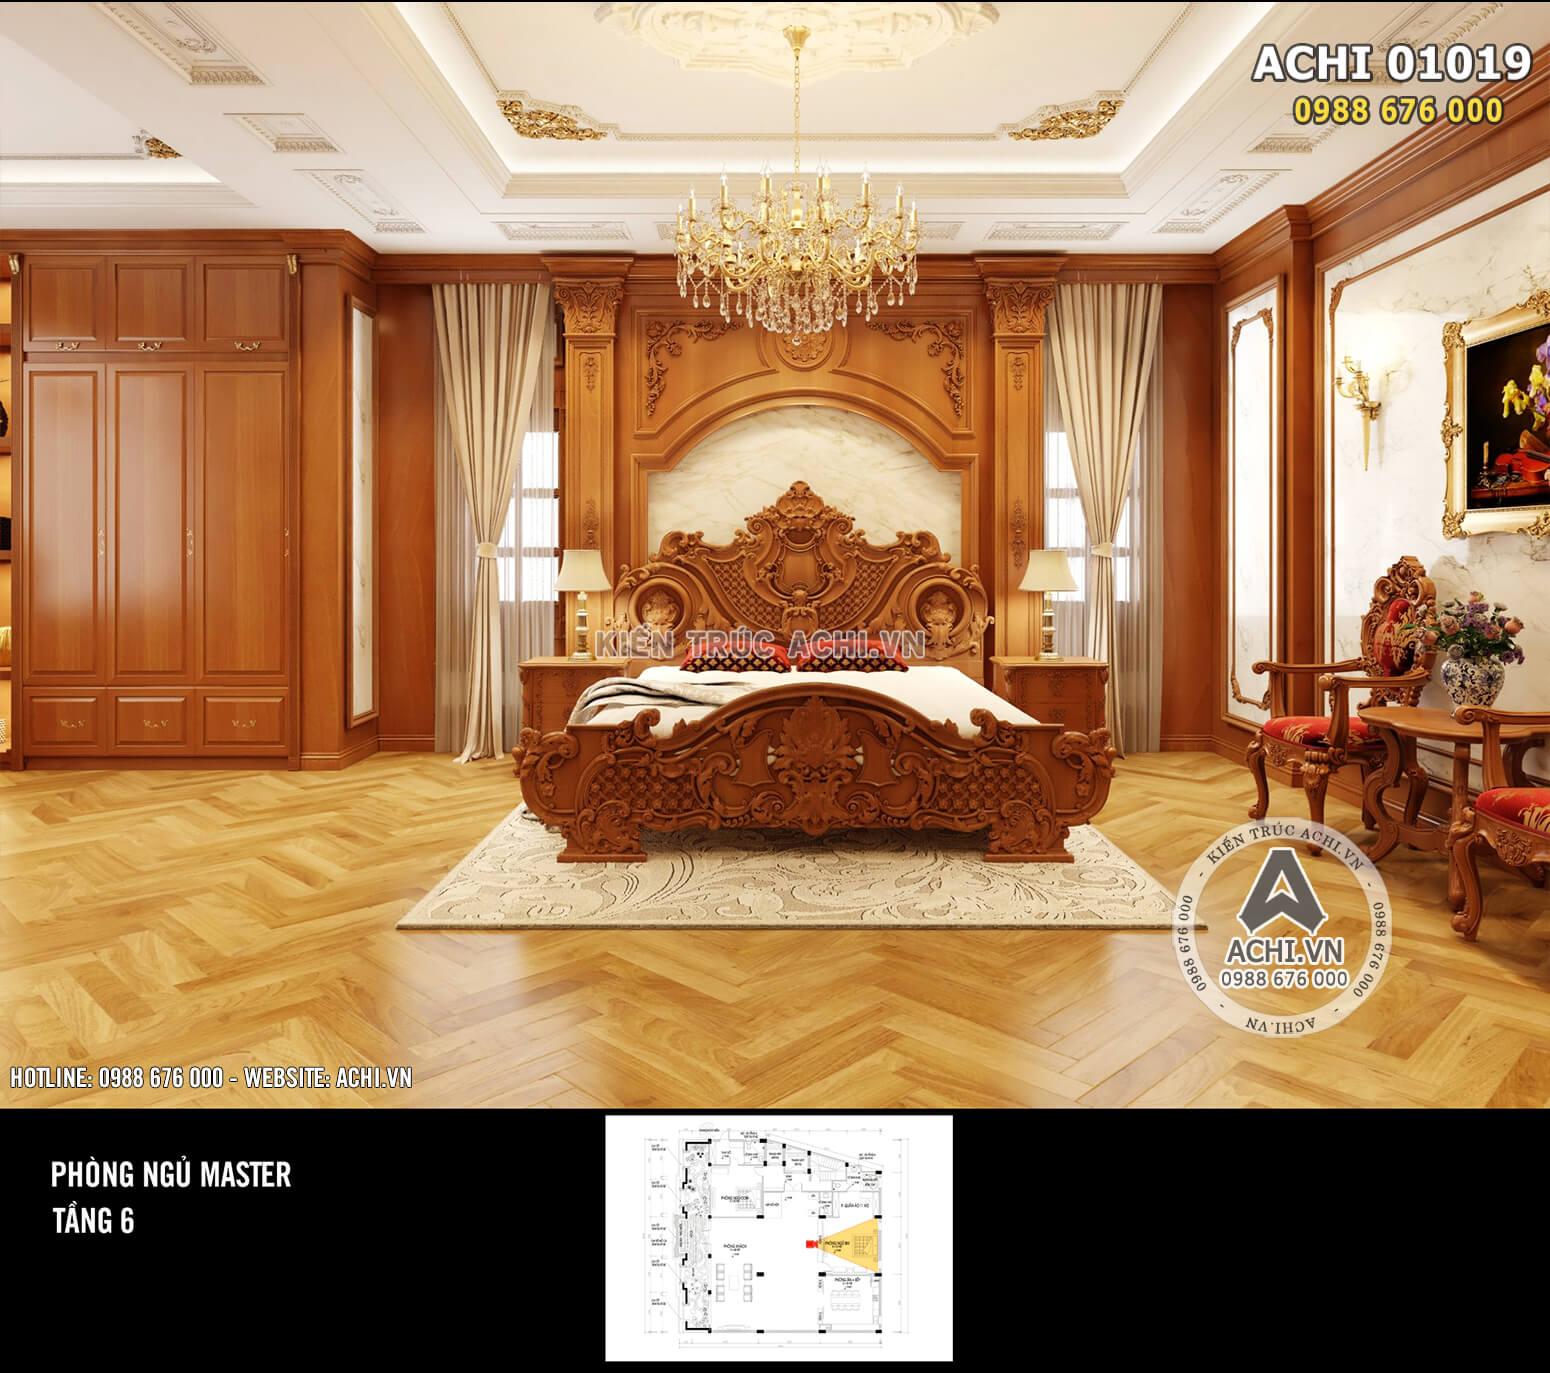 Hình ảnh: Thiết kế nội thất phòng ngủ tân cổ điển – ACHI 01019